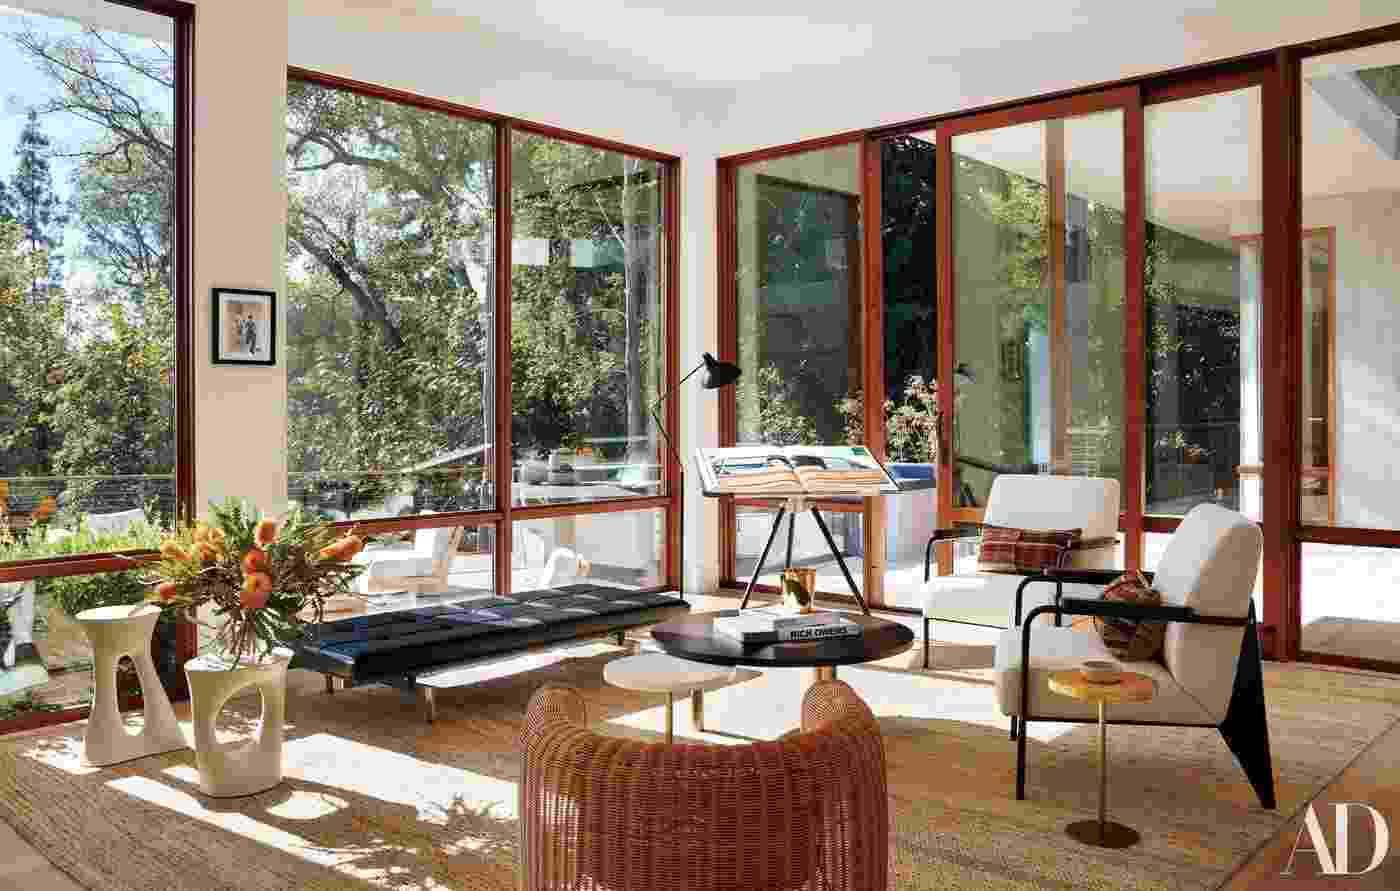 O interior da mansão de Ricky Martin em Beverly Hills - Reprodução/Architectural Digest